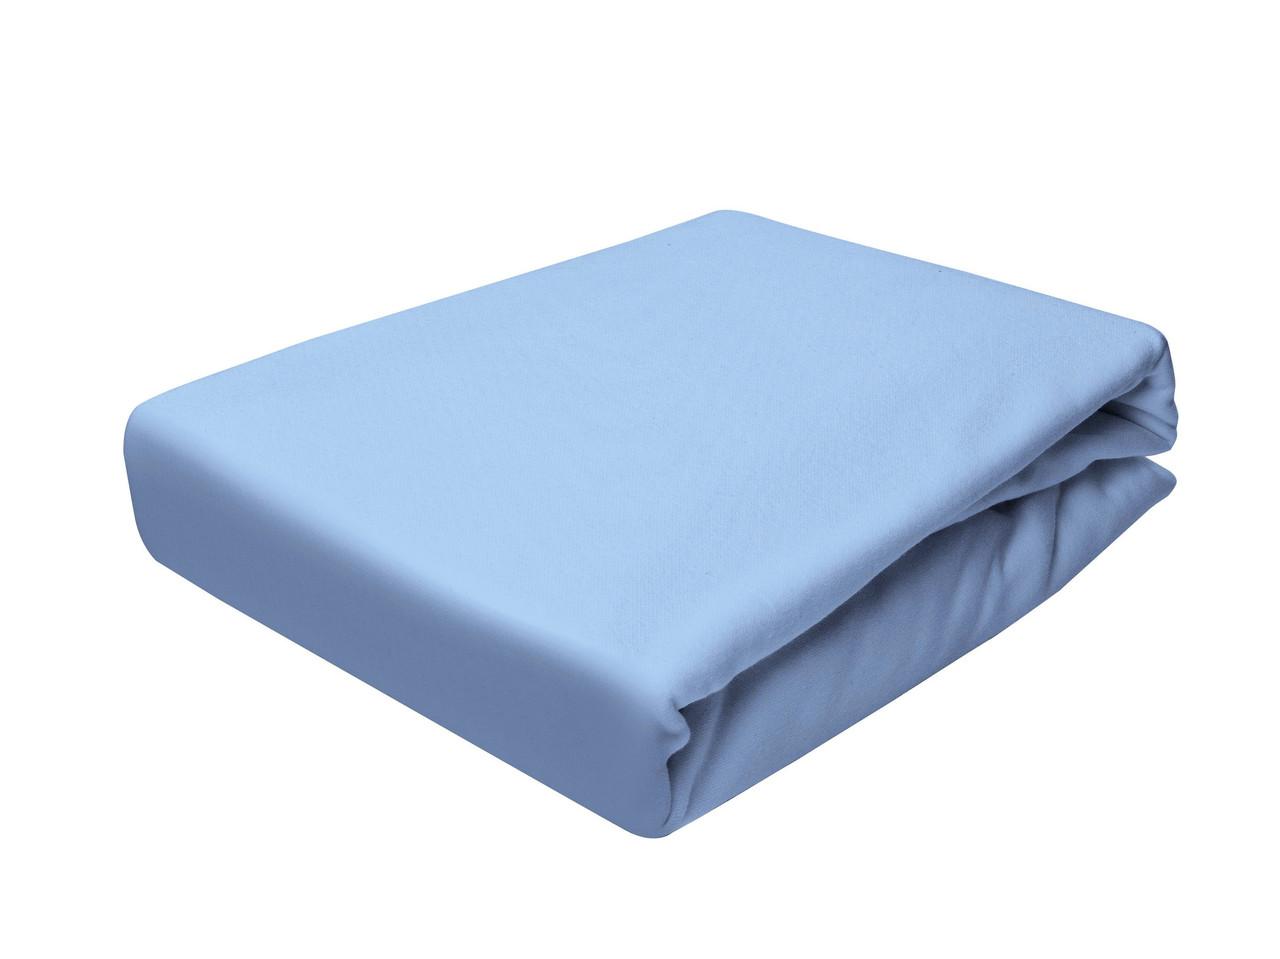 Простыня Трикотажная На резинке NR 017 P.P.H.U. J&M 4890 90x200 см Синяя